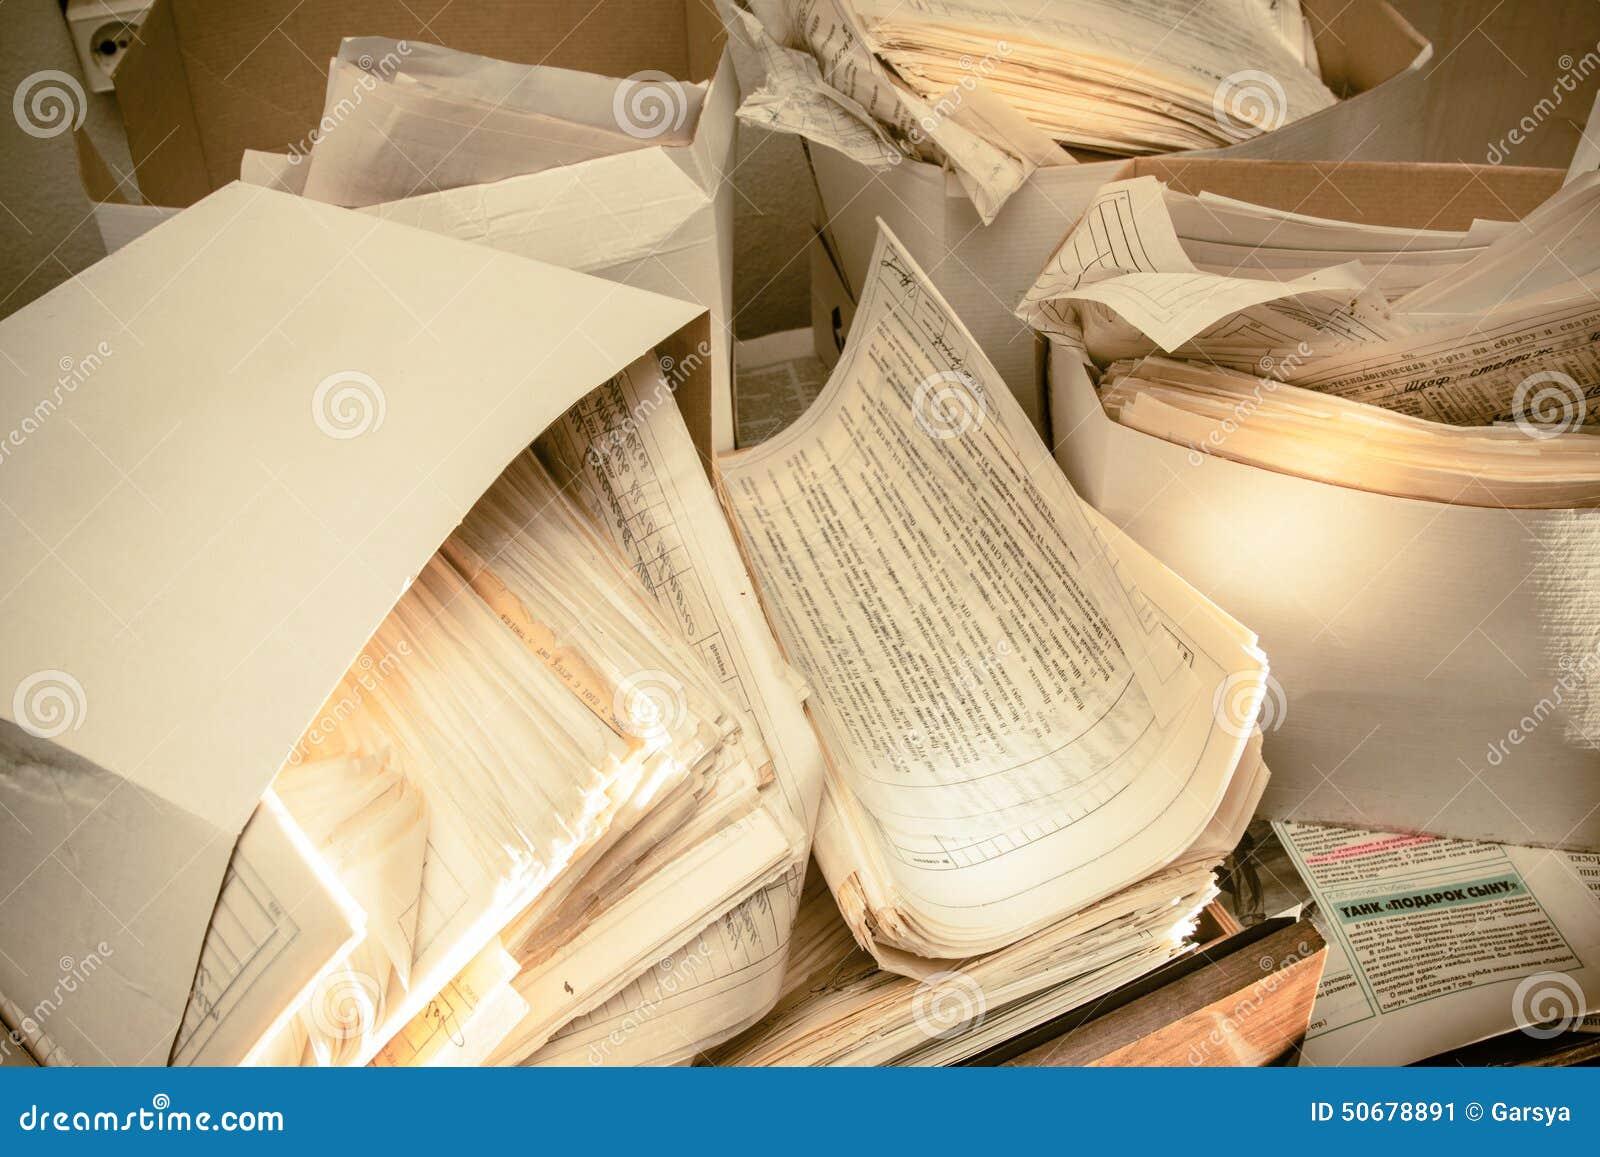 Download 肮脏的杂乱纸张文件 库存图片. 图片 包括有 管理, 特写镜头, 办公室, 信息, 纸张, 商业, 组织 - 50678891